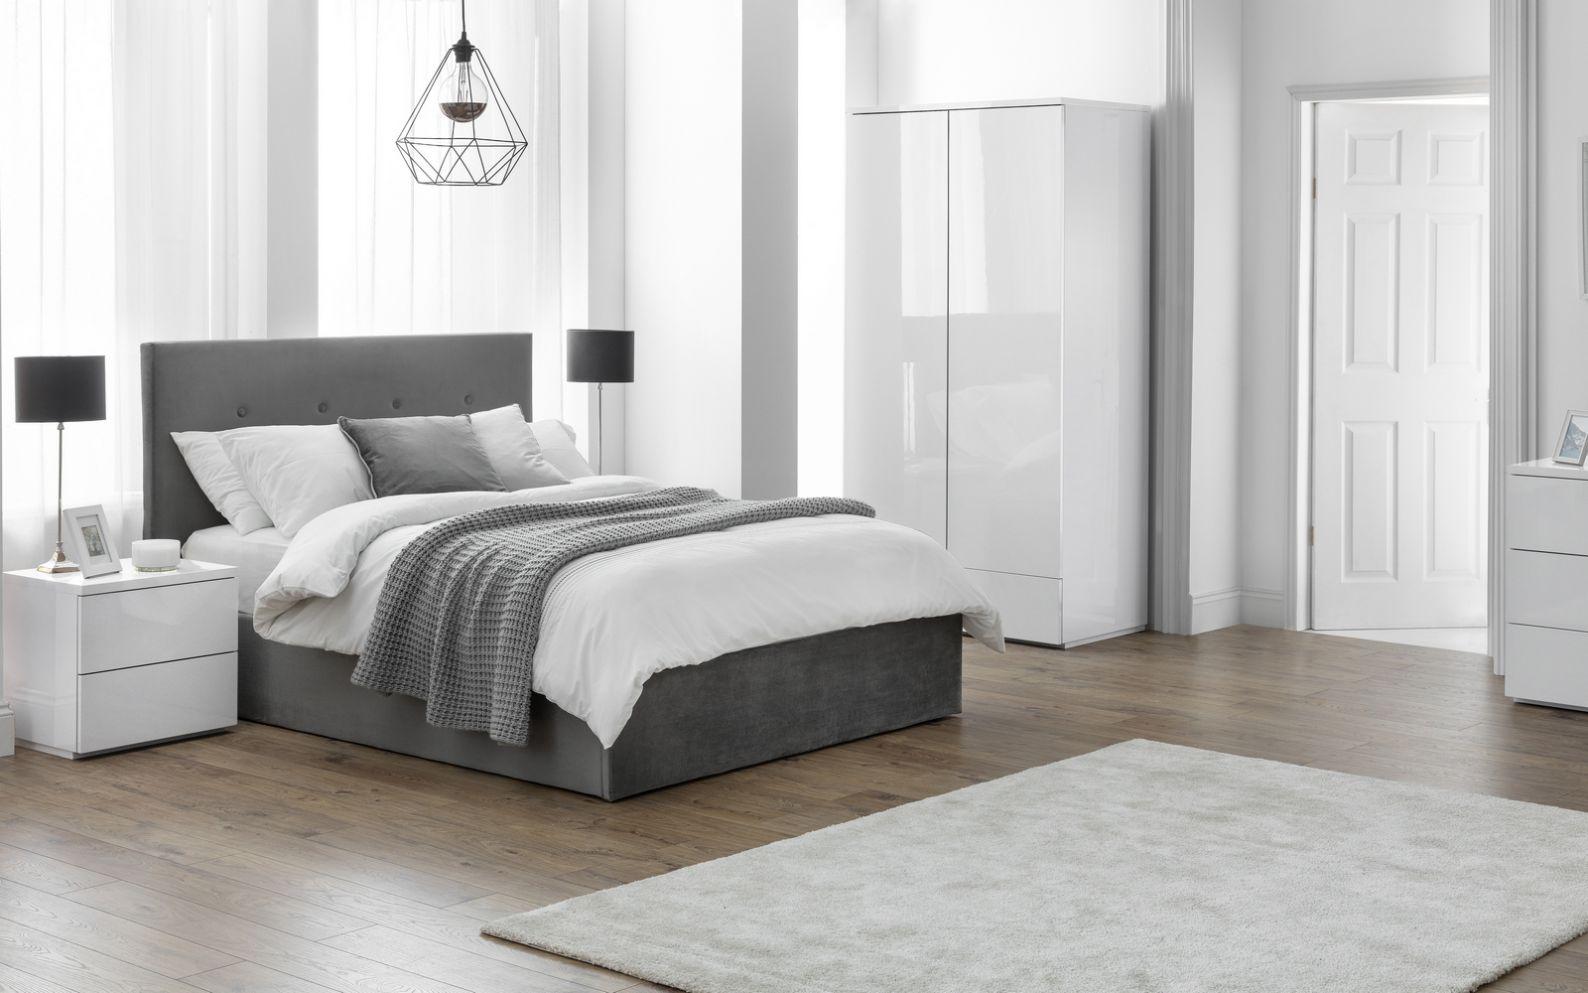 Monaco White Bedroom | Julian Bowen Limited